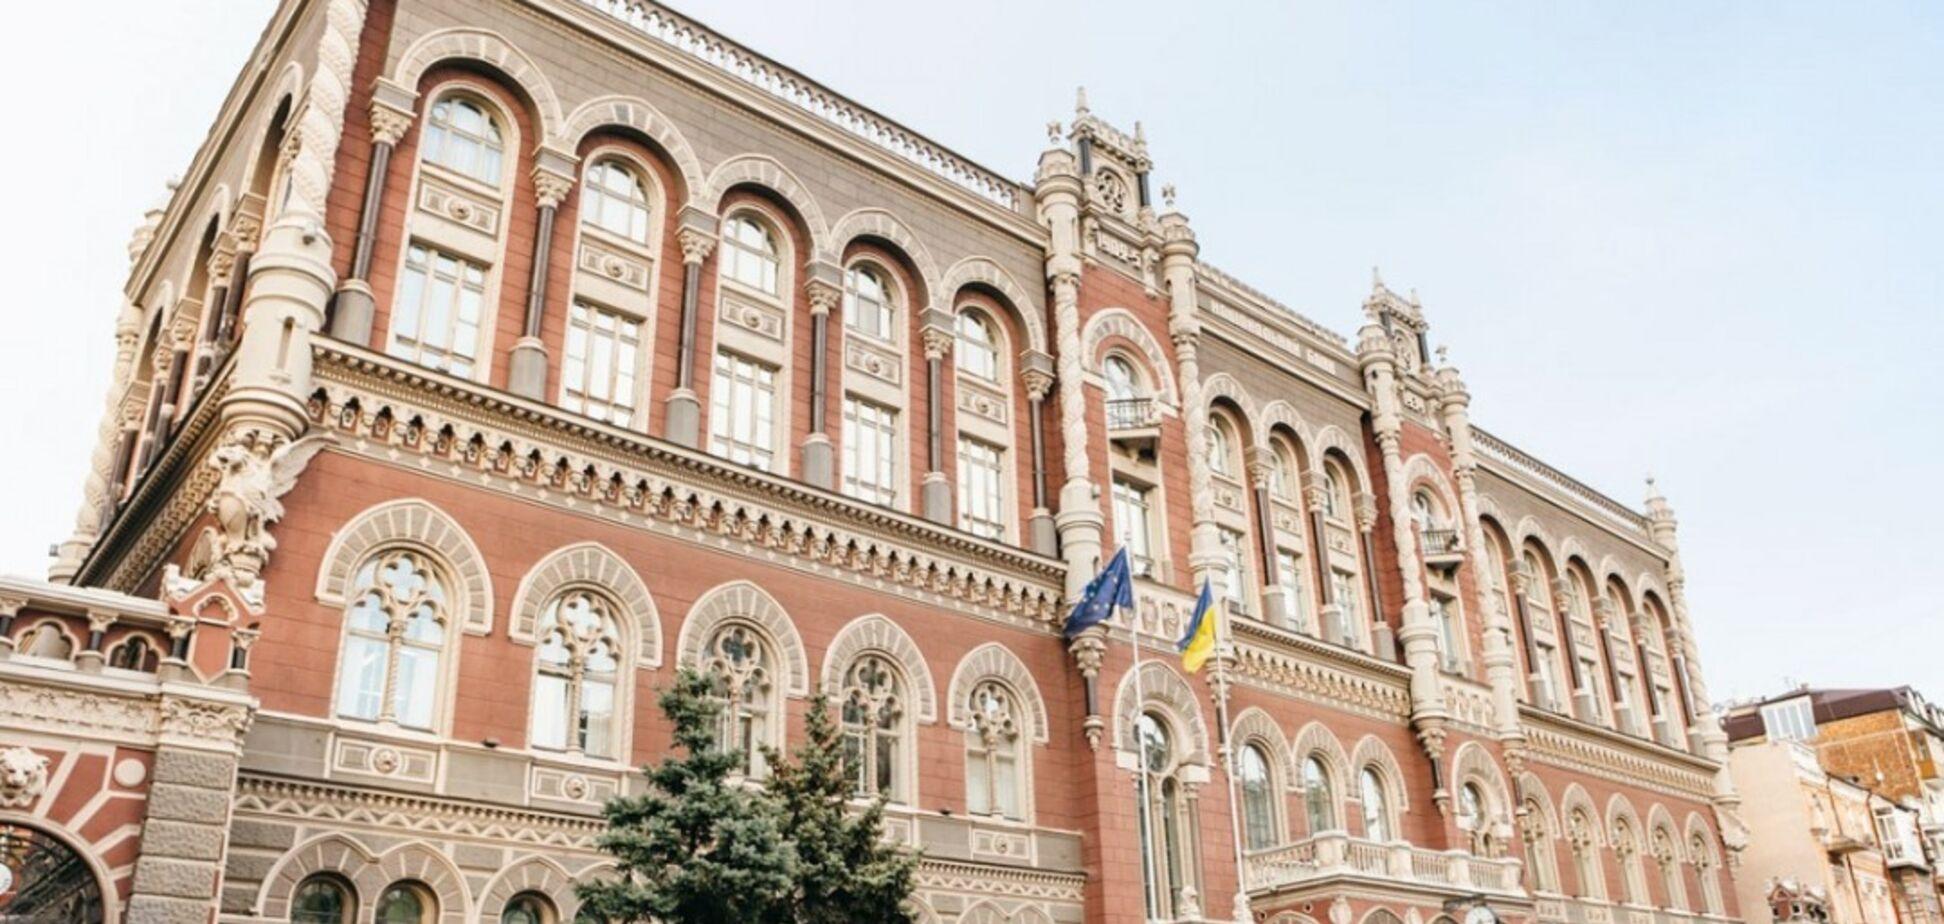 Украинские банки снизили ставки по депозитам: сколько теперь заплатят